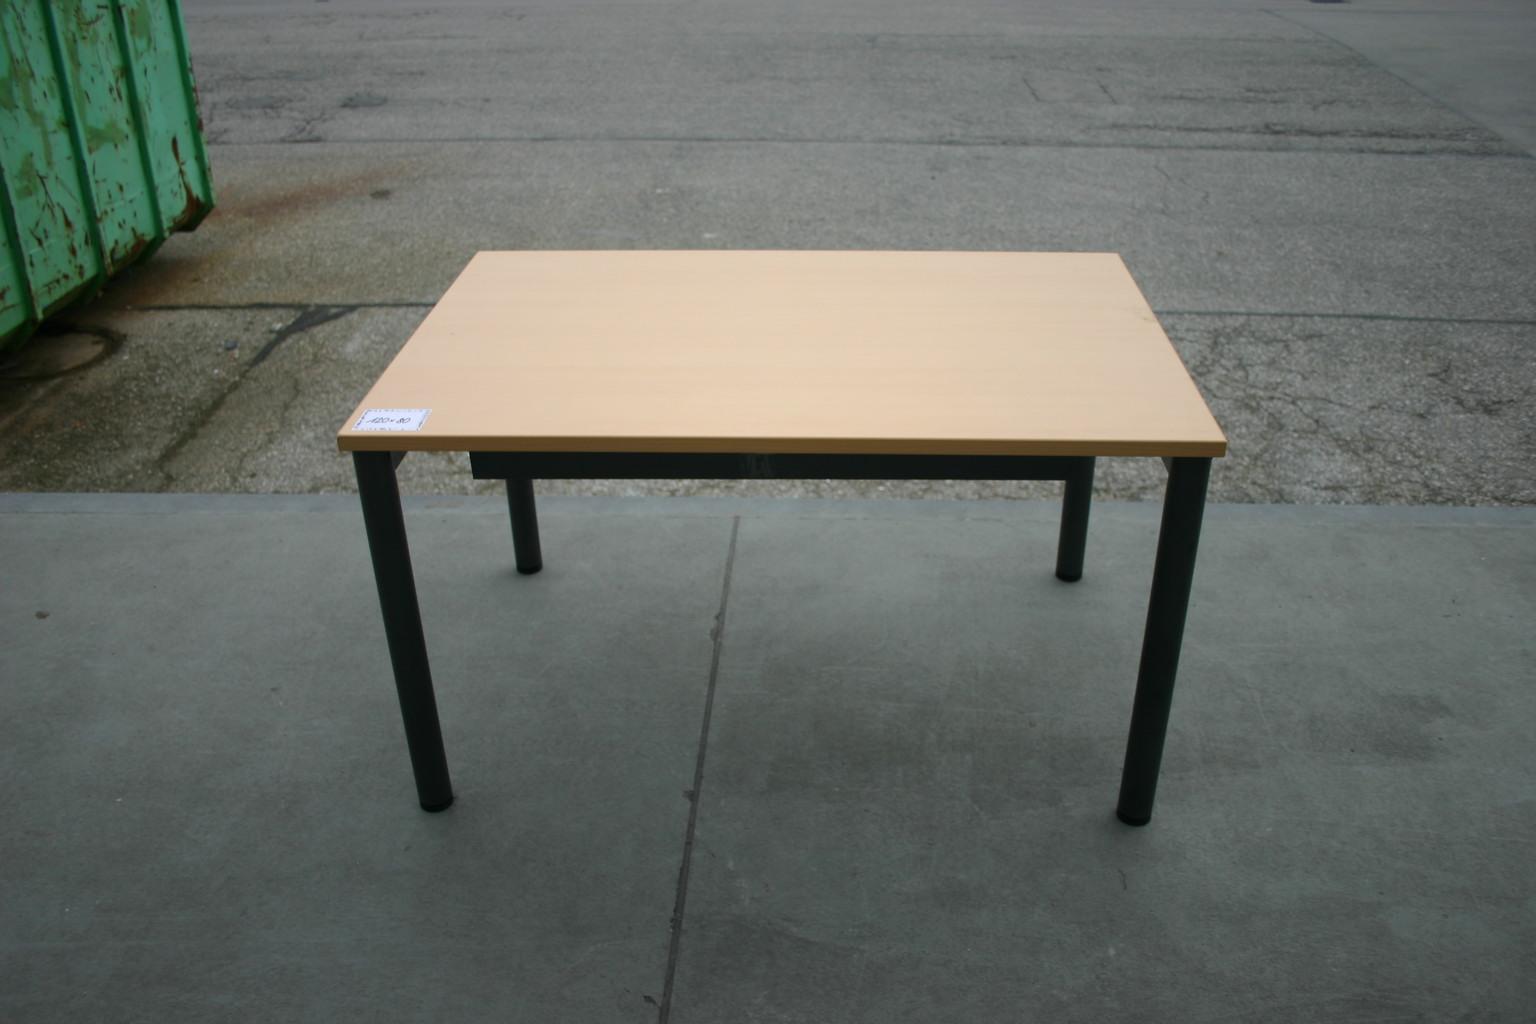 schreibtisch 120 x 80 in ahorn dunkel von steelcase komplettb ros serien unsere kategorien. Black Bedroom Furniture Sets. Home Design Ideas